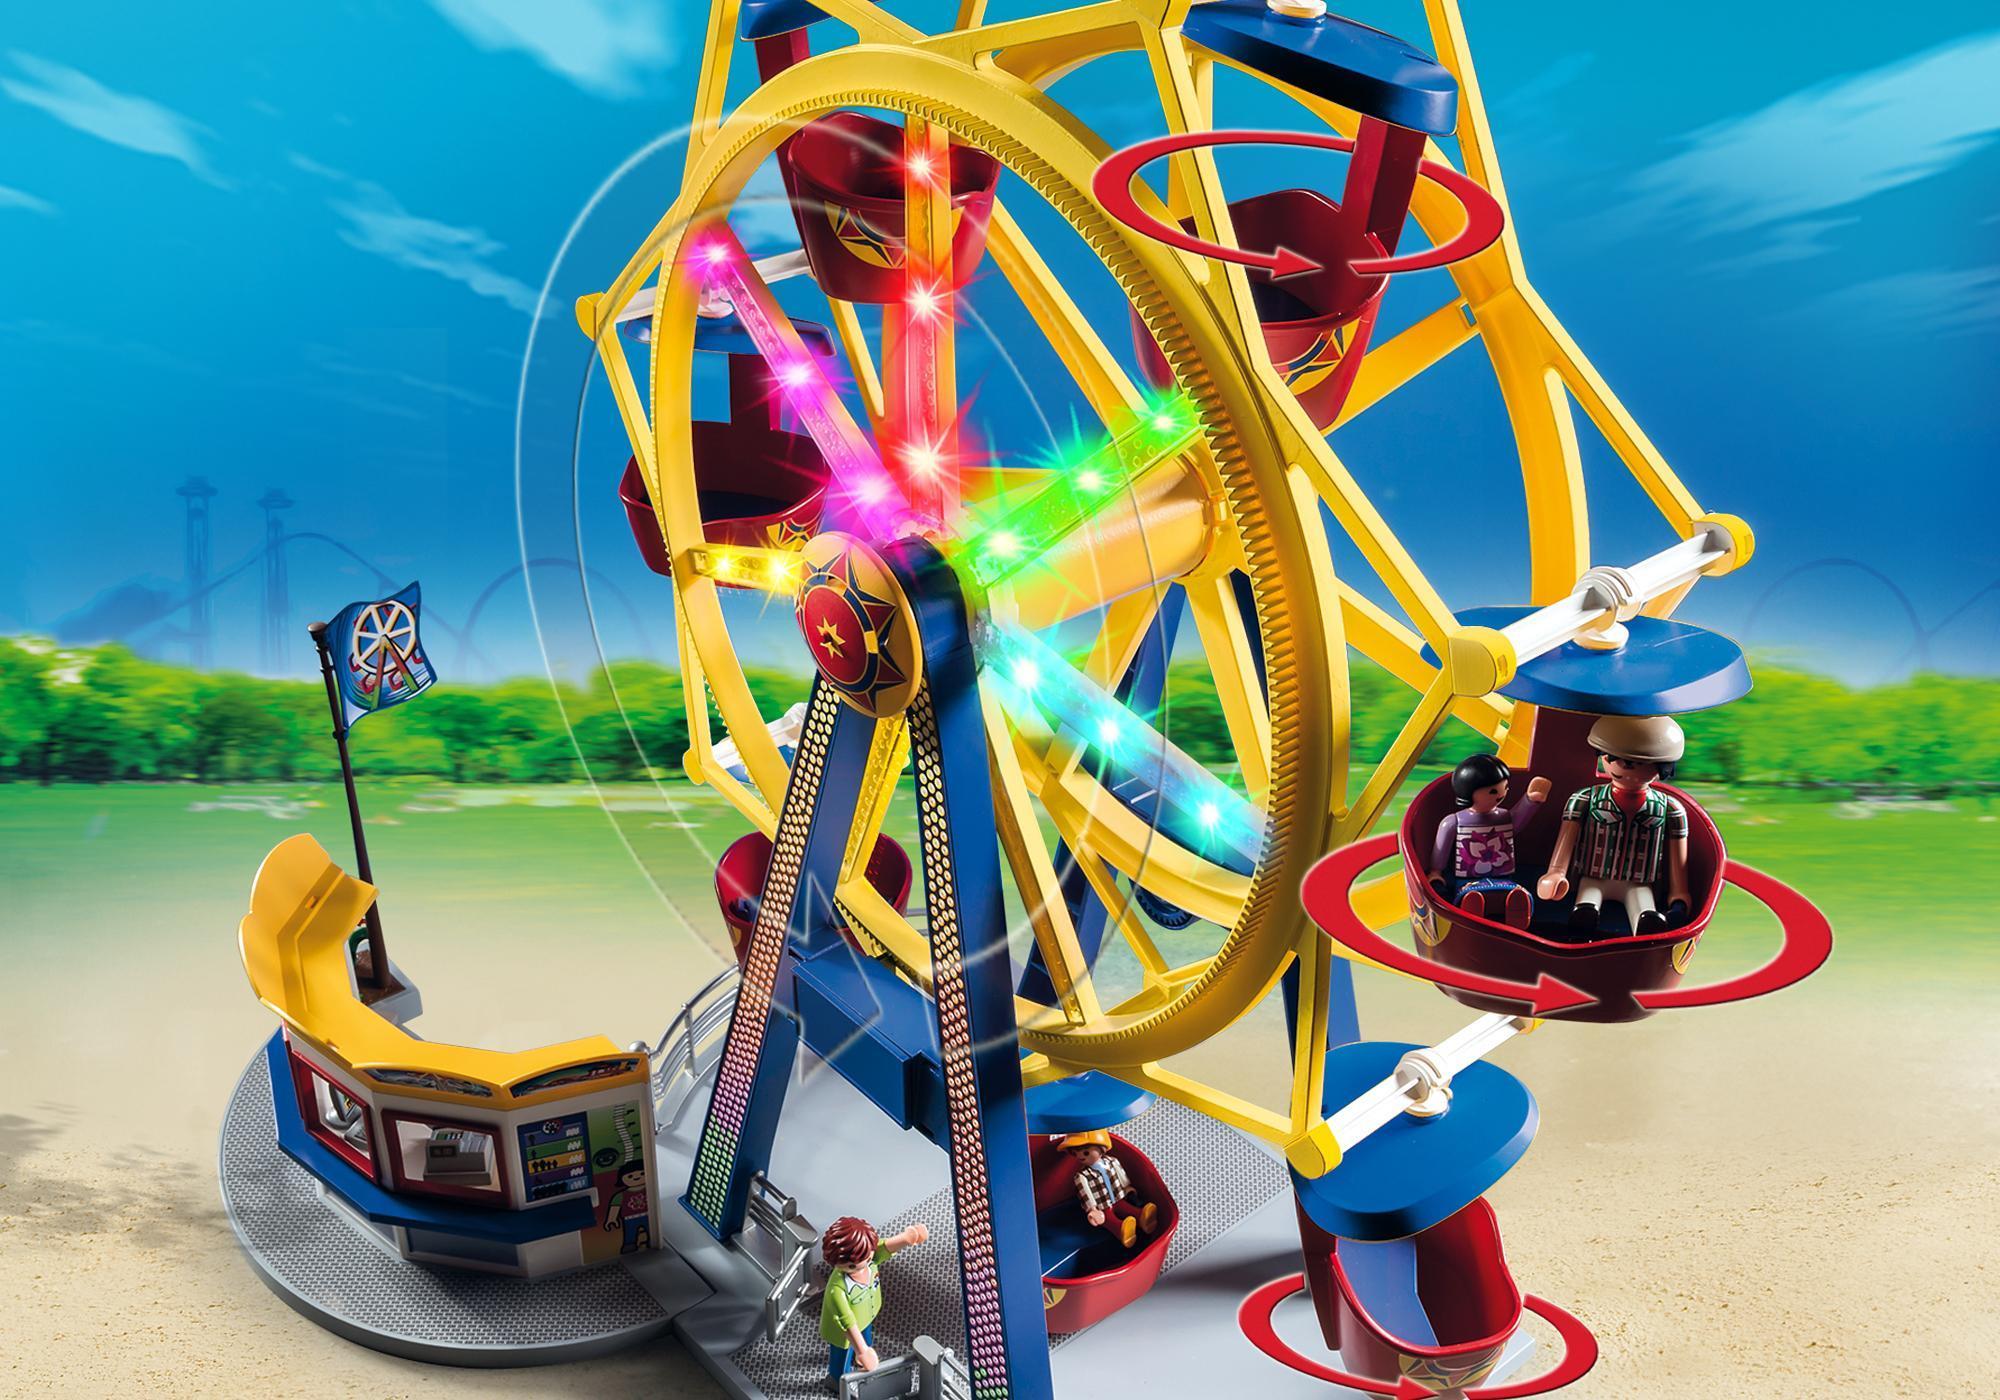 http://media.playmobil.com/i/playmobil/5552_product_extra3/Diabelski młyn z kolorowym oświetleniem